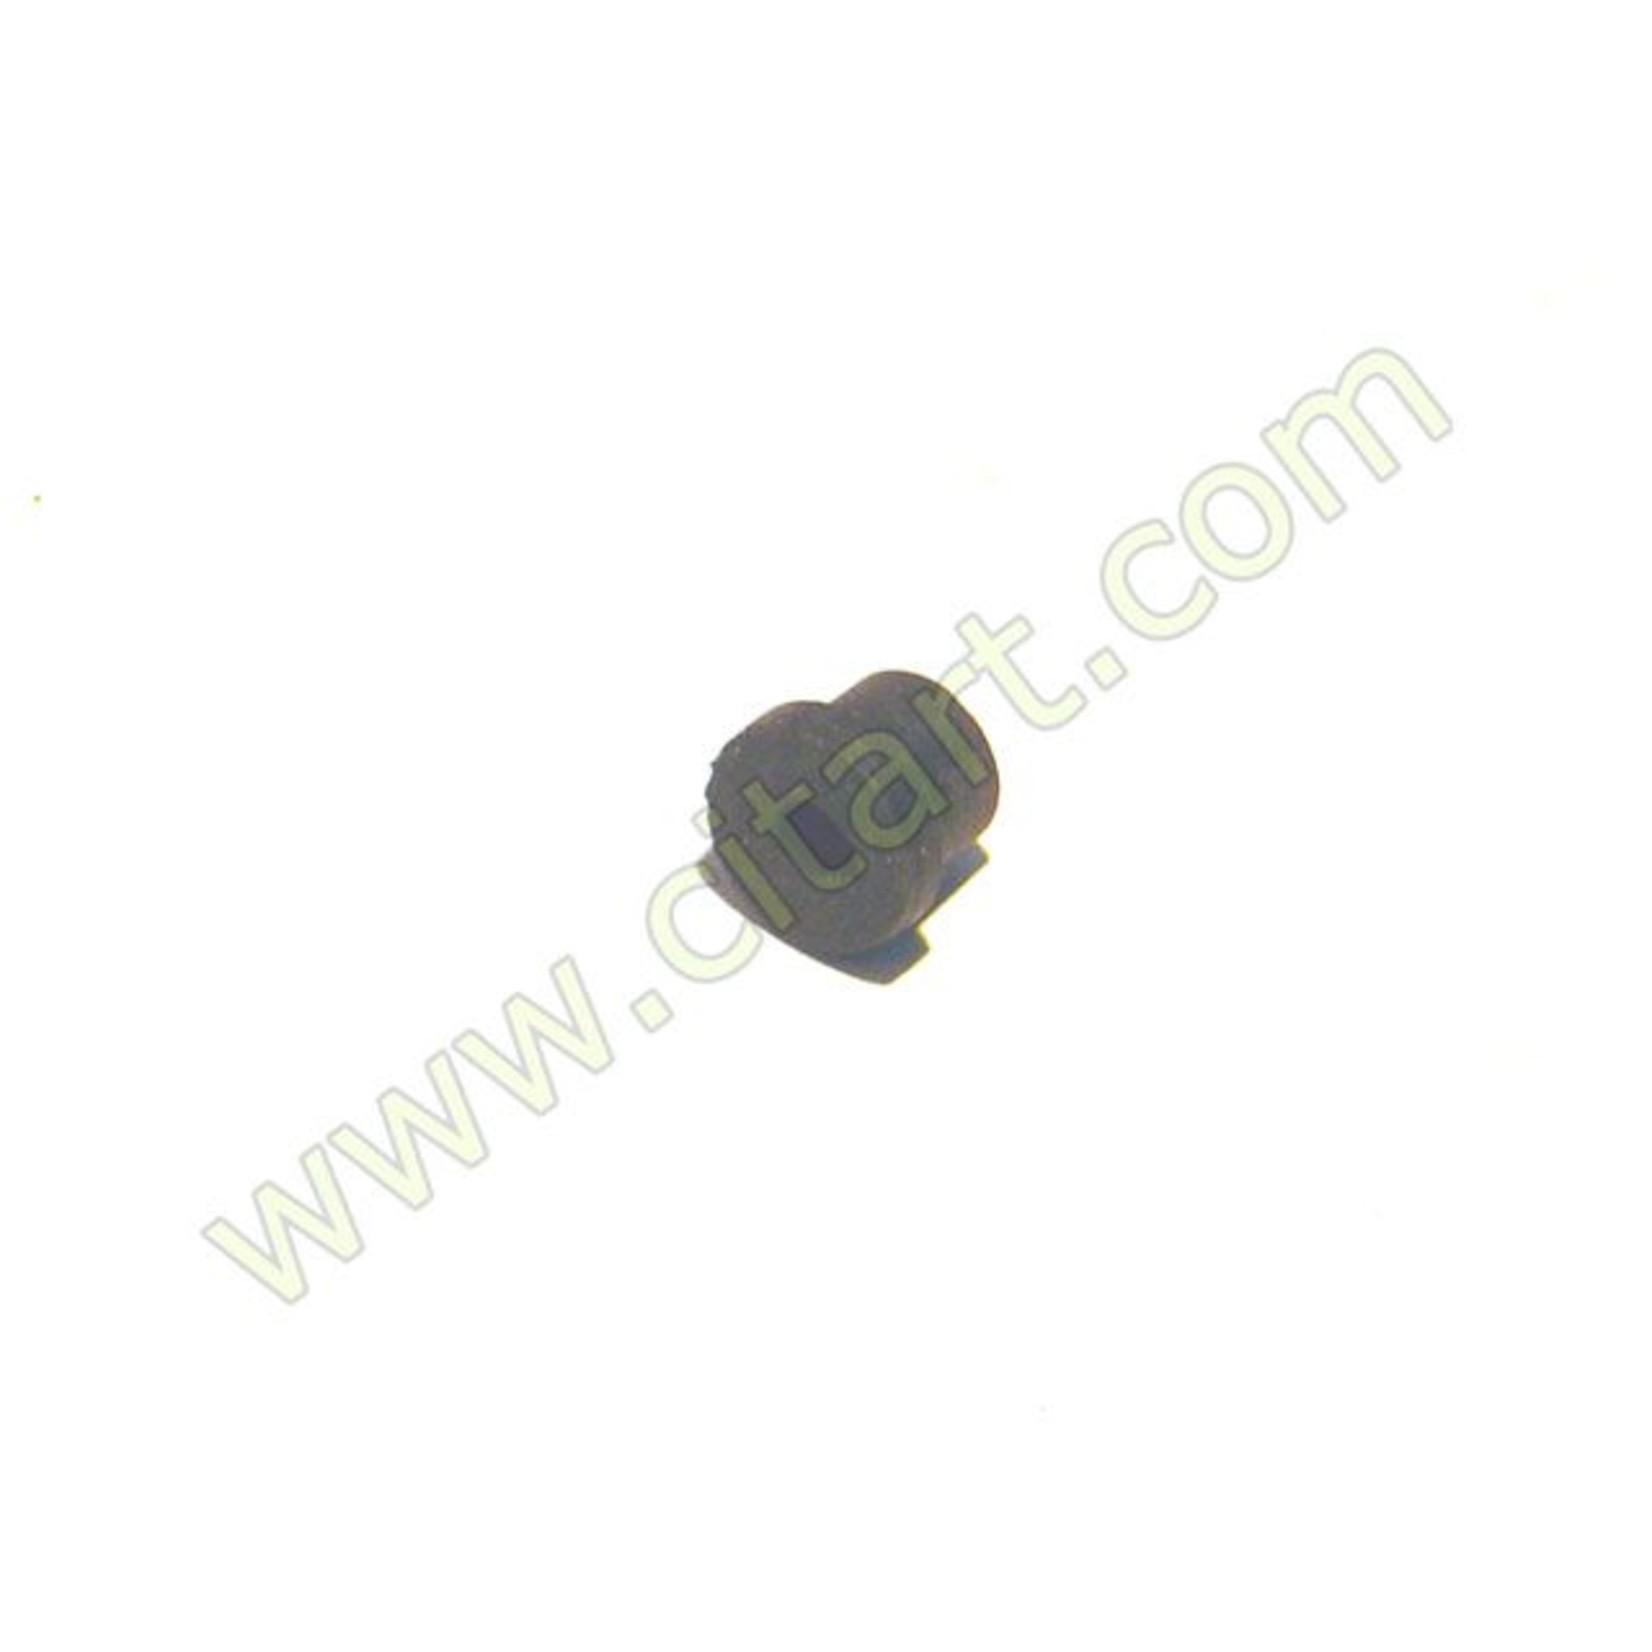 Capuchon tornillo de purga regulador / frenos Nr Org: 5405105